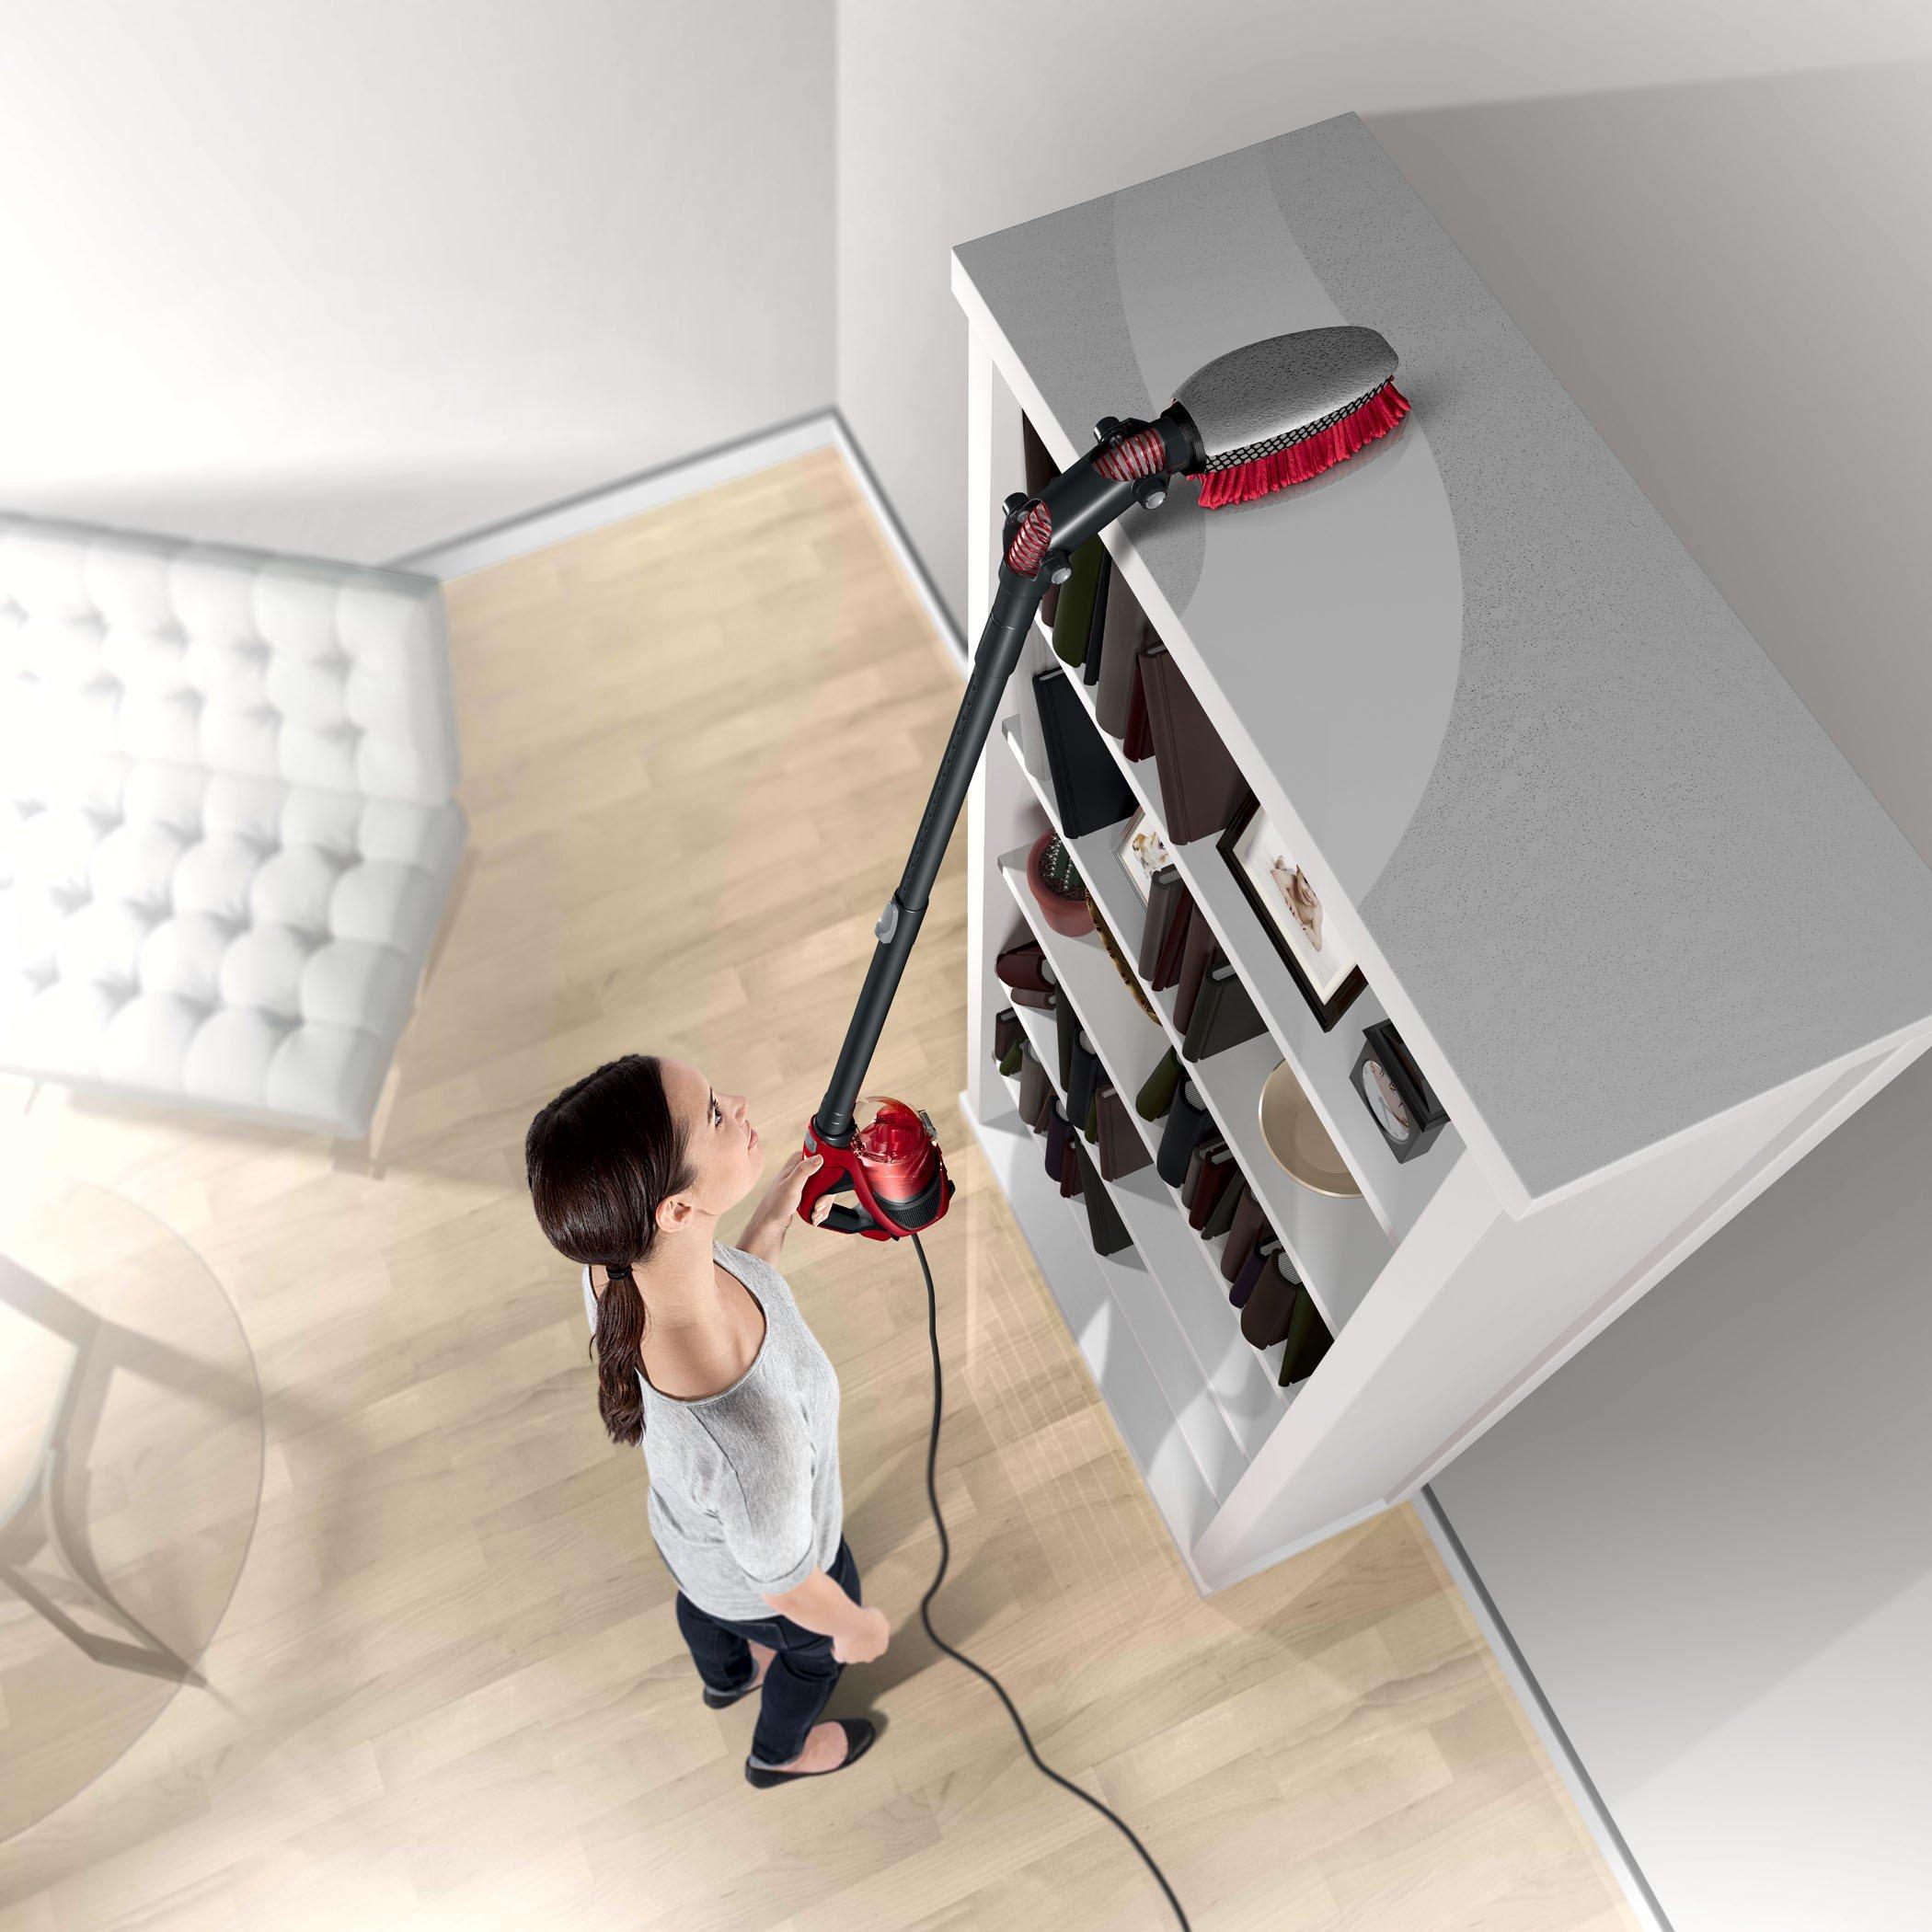 360° Reach™ Pro Bagless Stick Vacuum4